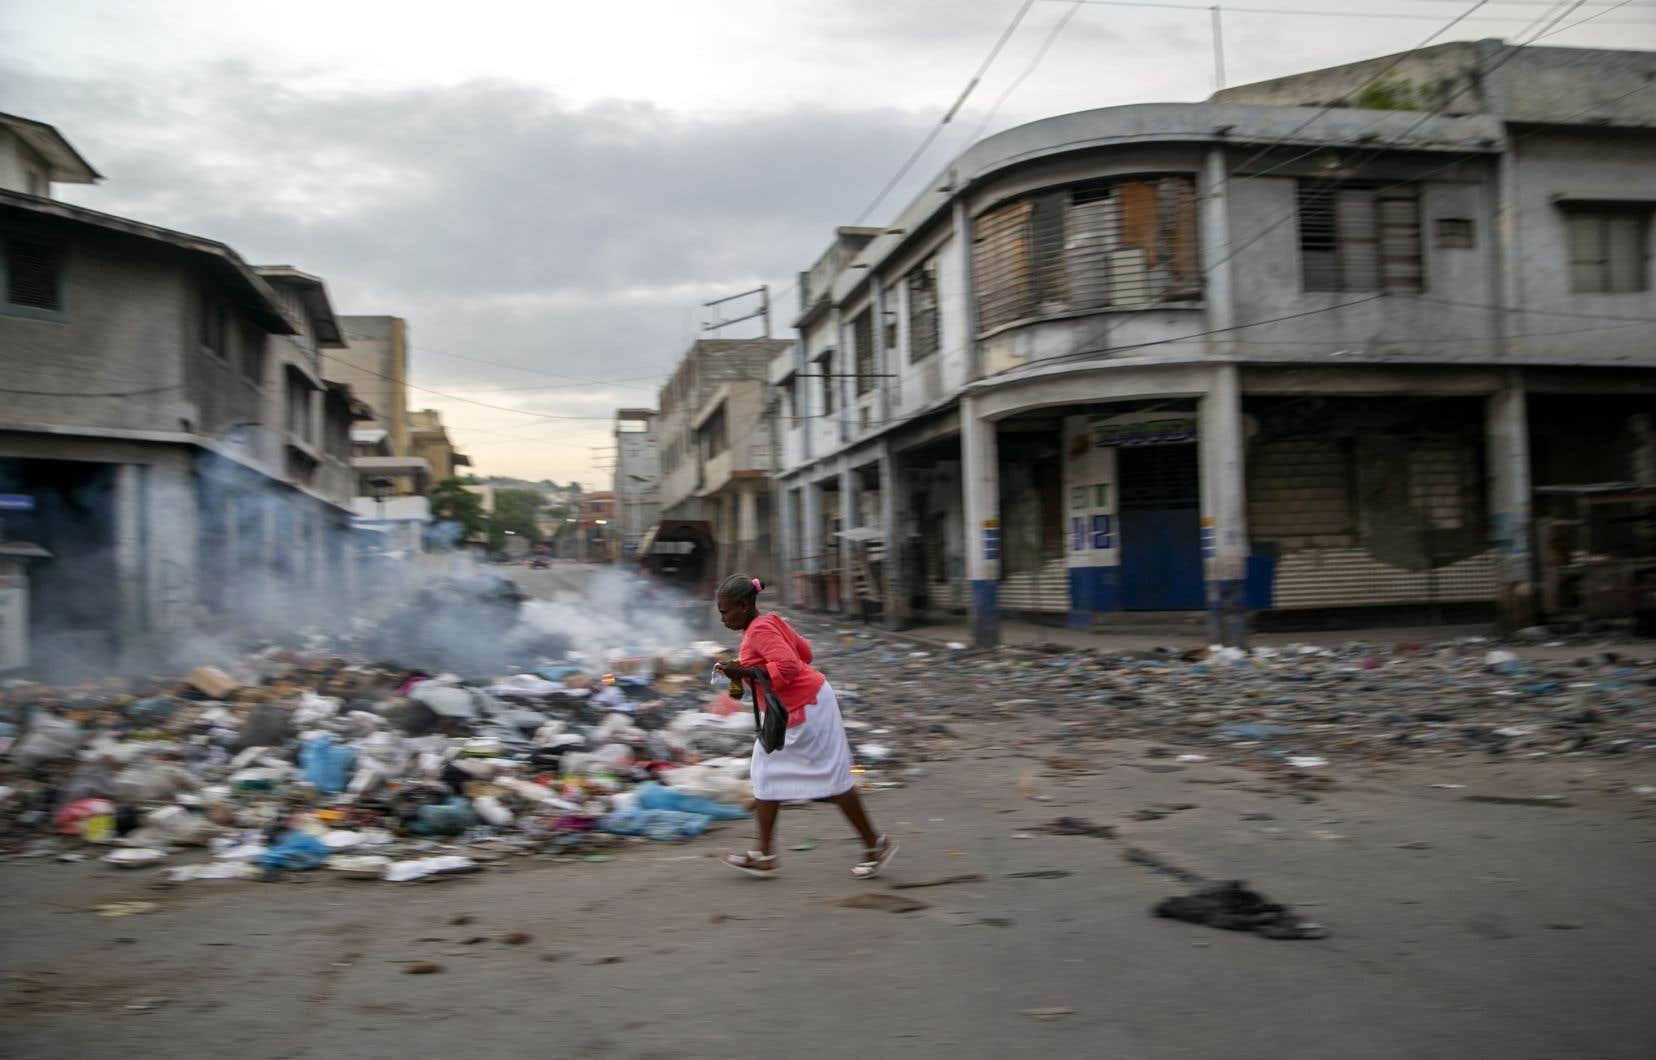 La violence liée aux gangs a fait au moins 159 morts dans le pays cette année.